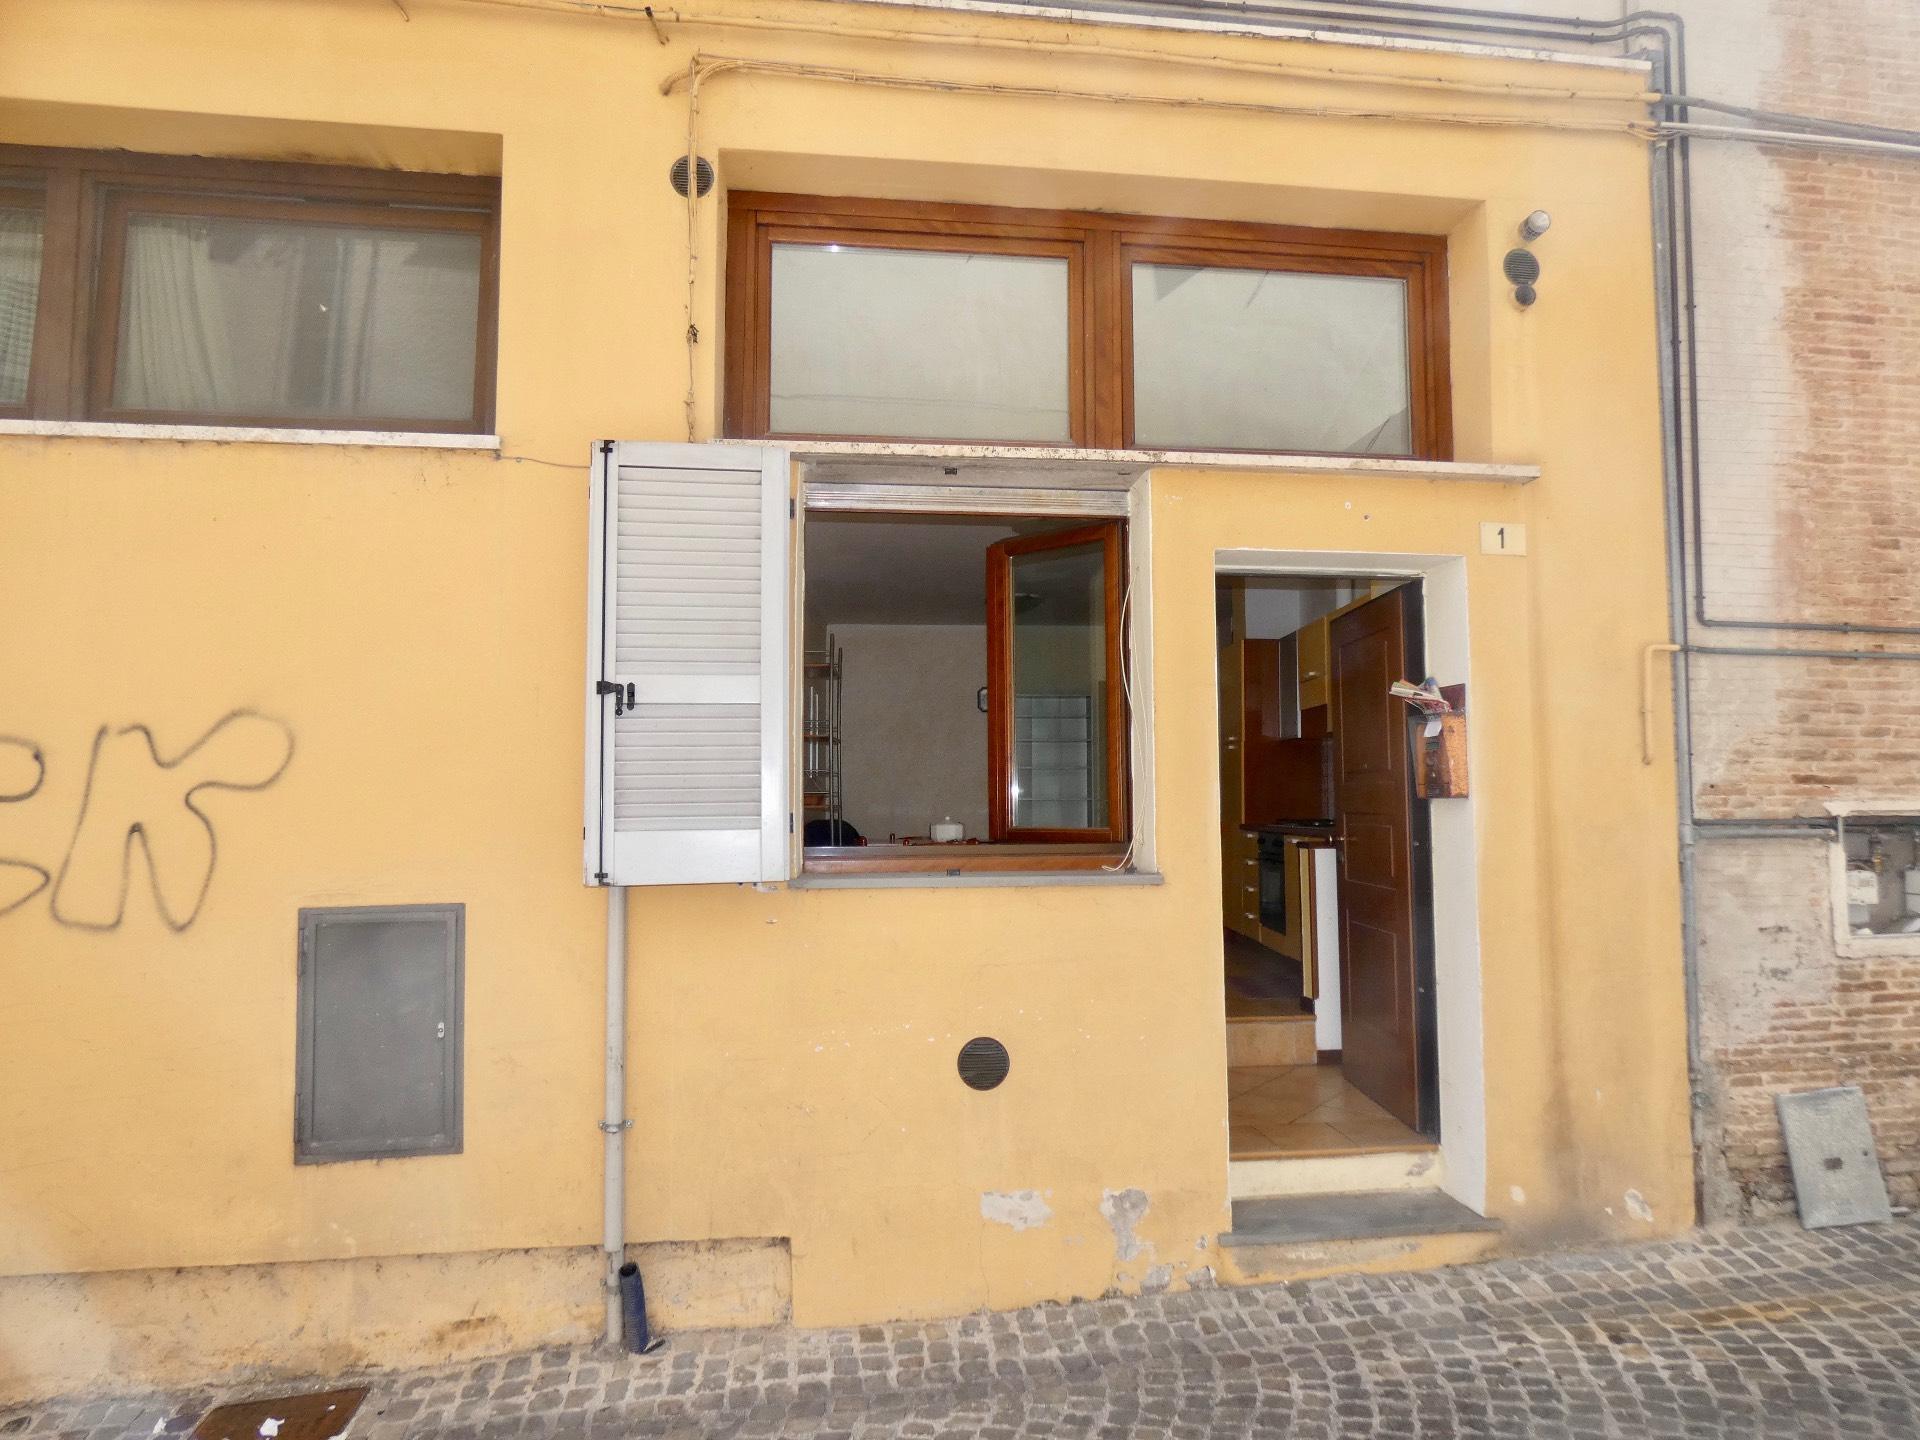 Appartamento in vendita a Fabriano, 3 locali, zona Località: CENTROSTORICO, prezzo € 80.000 | CambioCasa.it